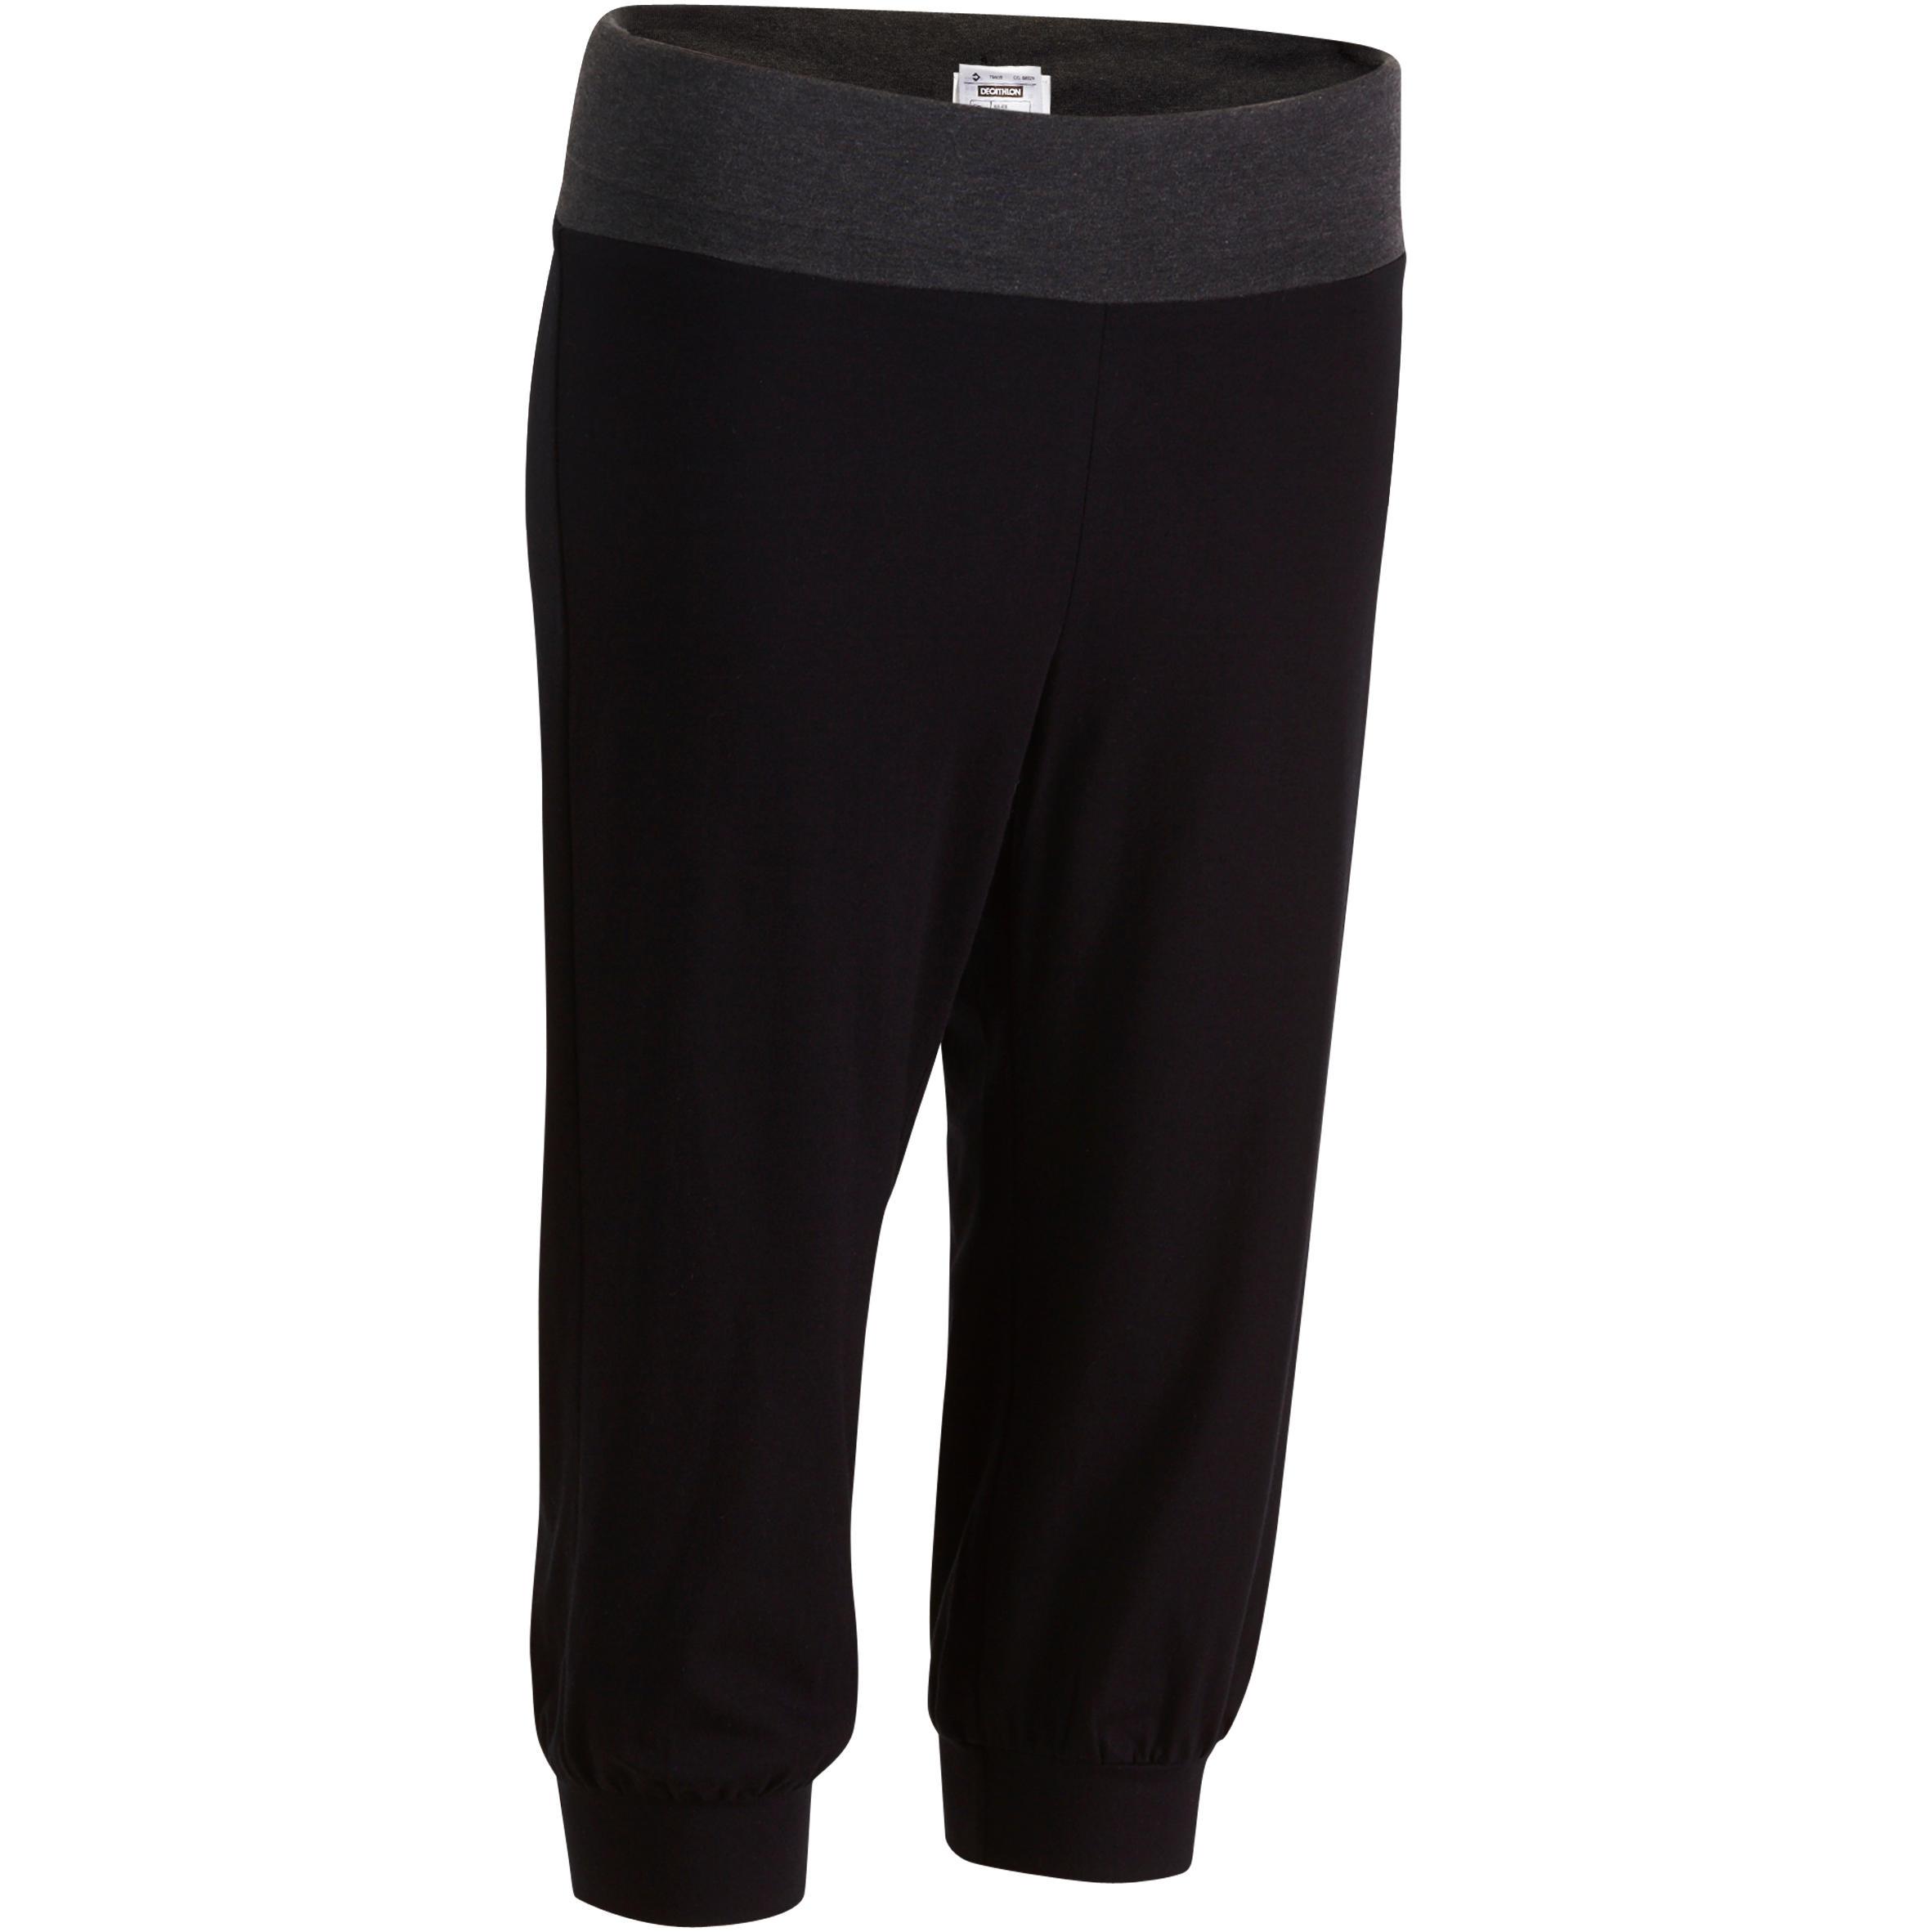 Mallas 3/4 yoga algodón biológico mujer negro gris